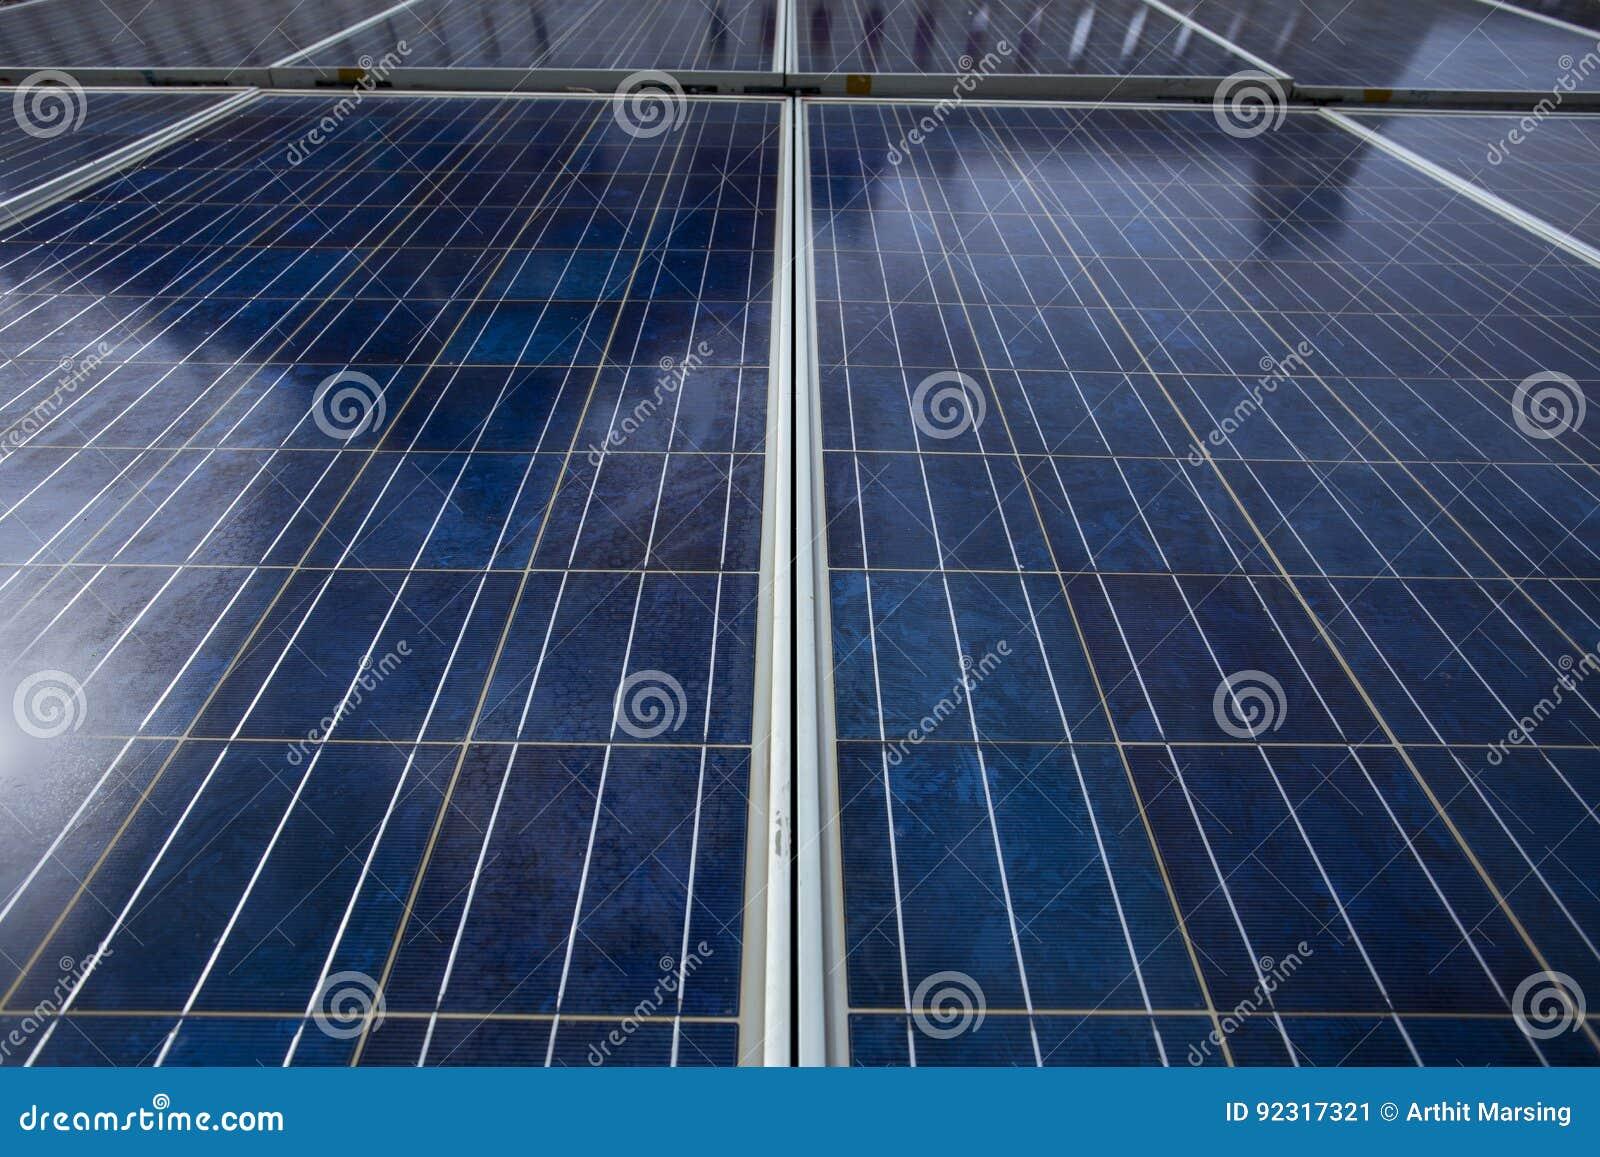 Painéis azuis da célula solar que mostrados suas linha e texturas de superfície de grade Os painéis estão contra a luz do sol no